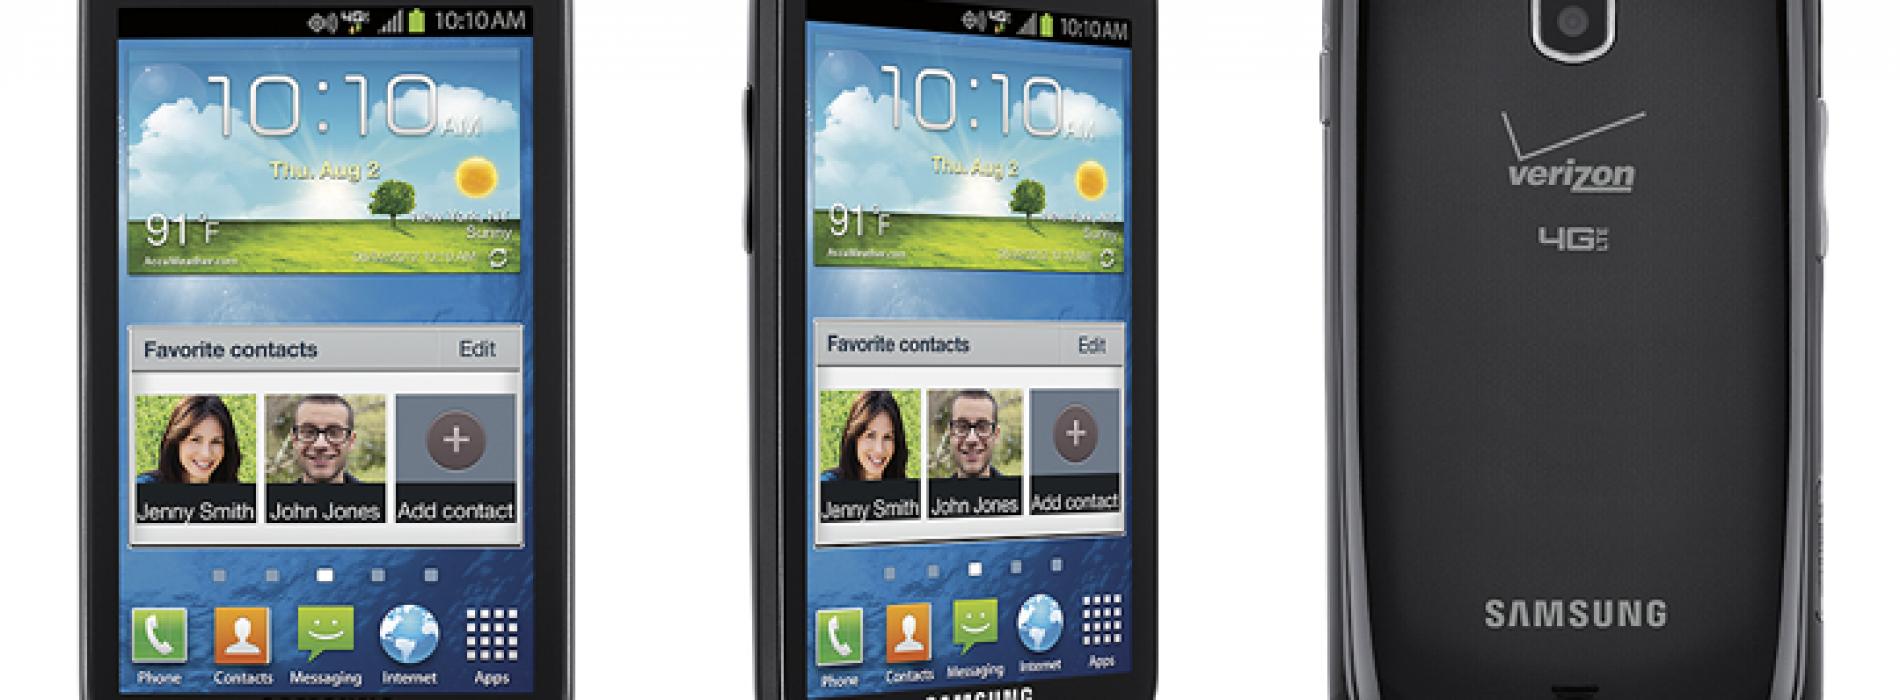 Verizon intros Samsung Galaxy Stellar